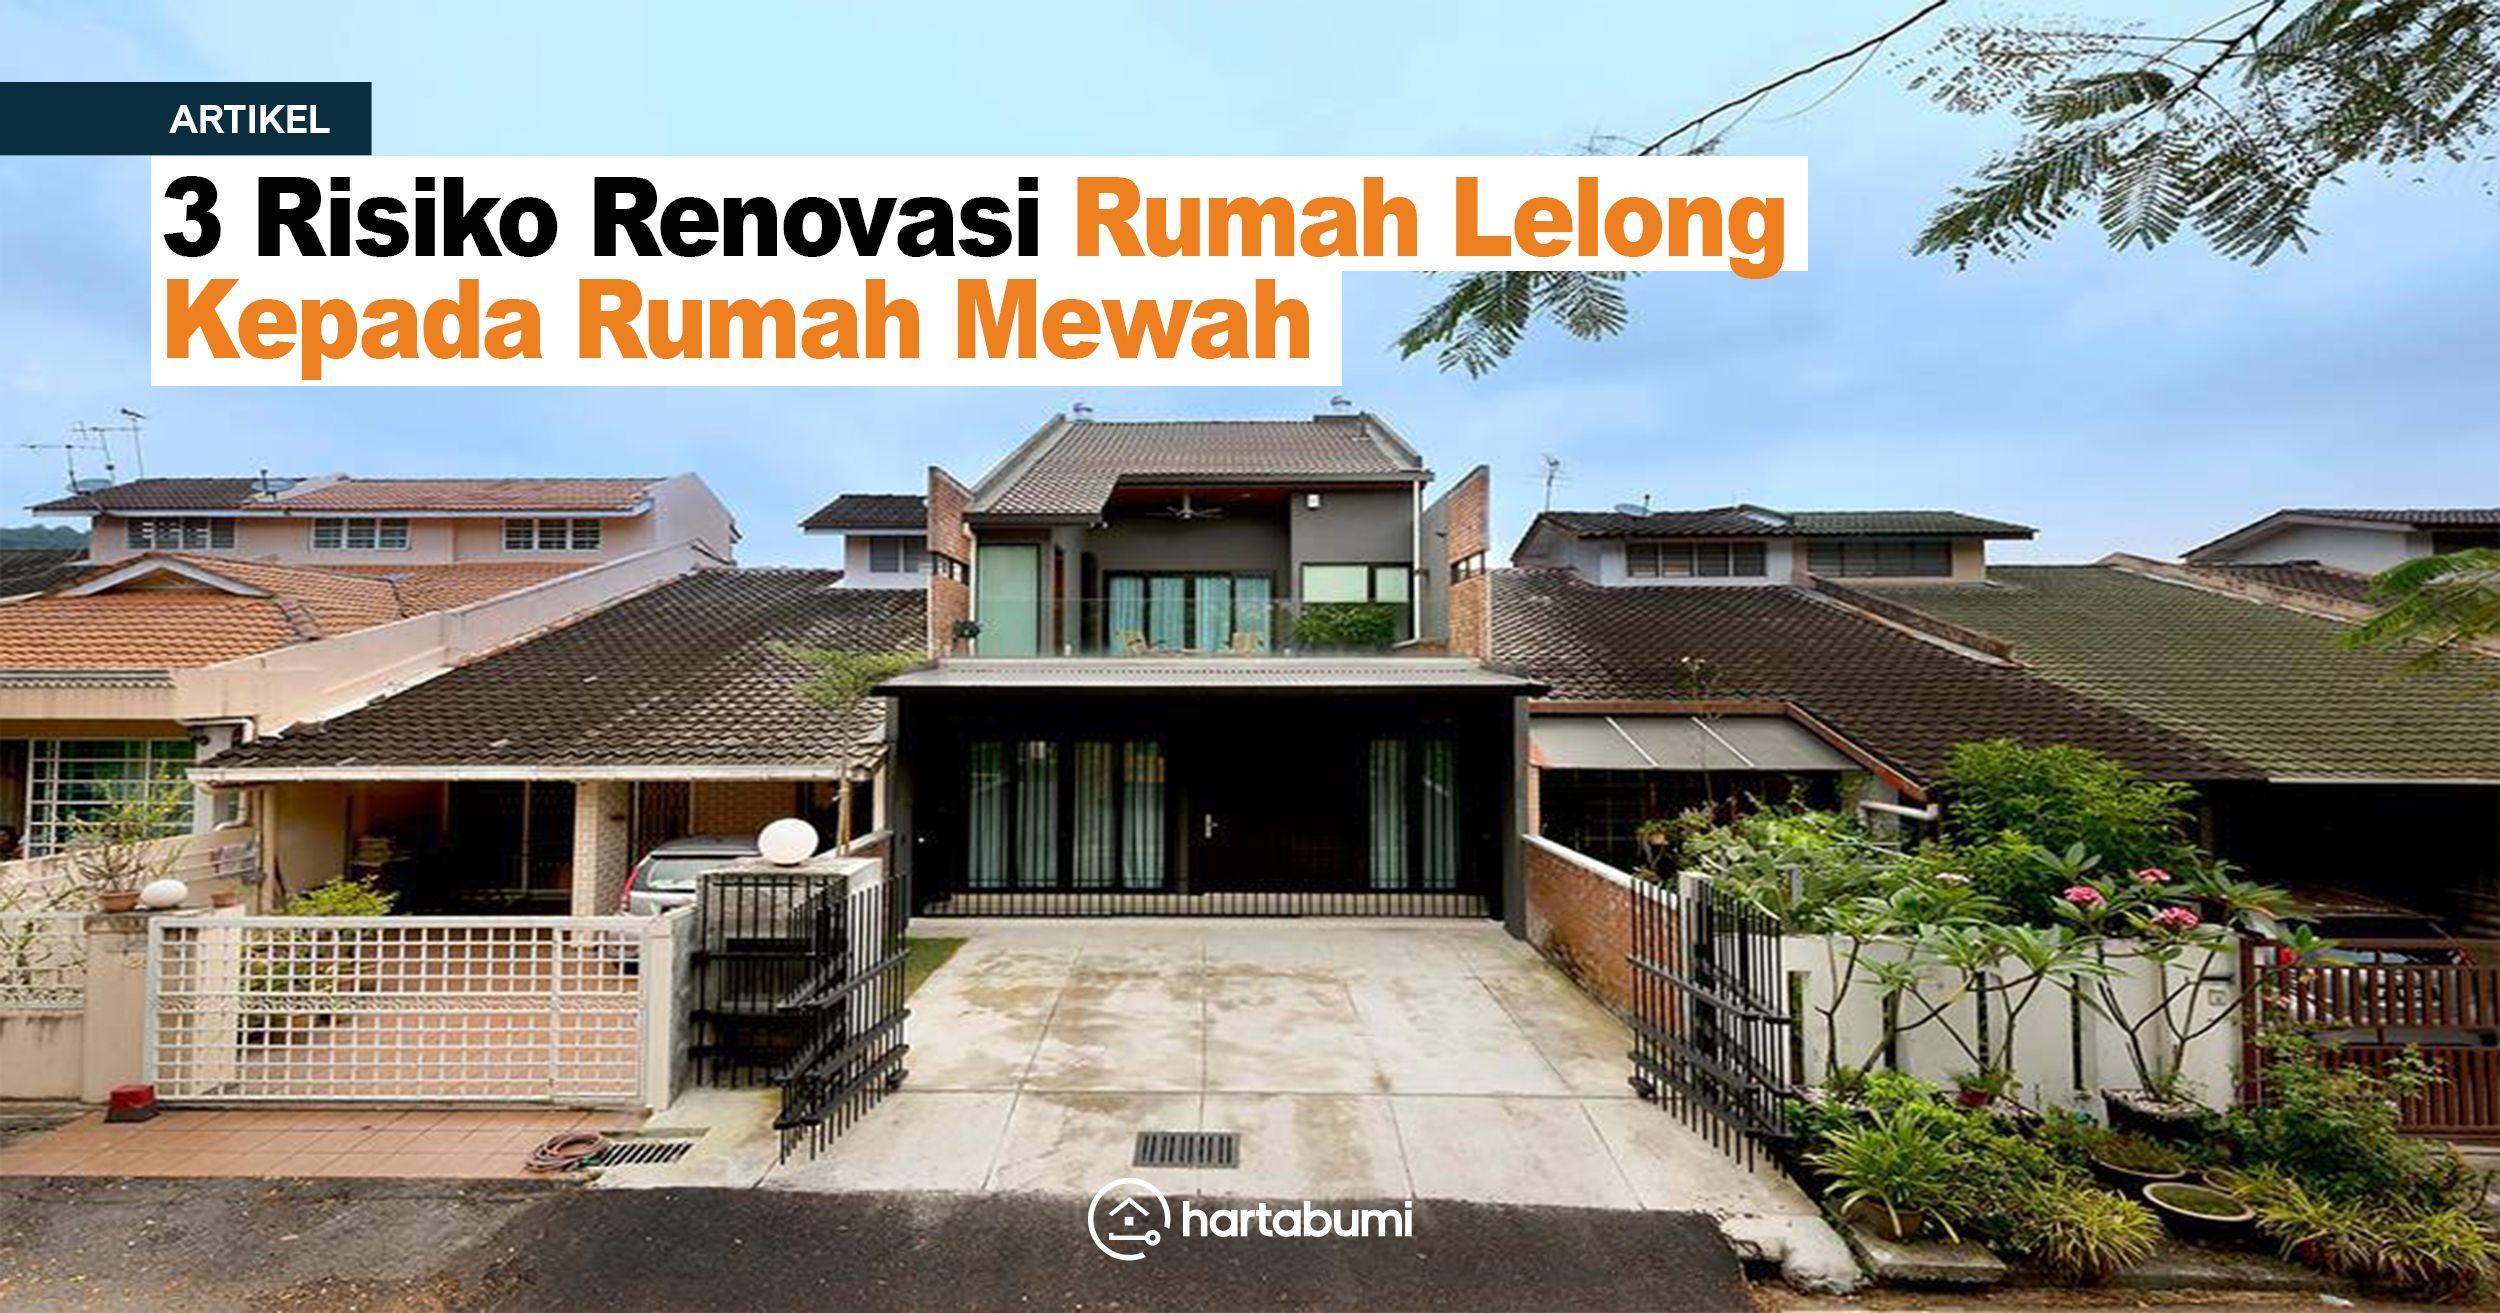 Risiko Renovate Renovasi Rumah Lelong Kepada Mewah